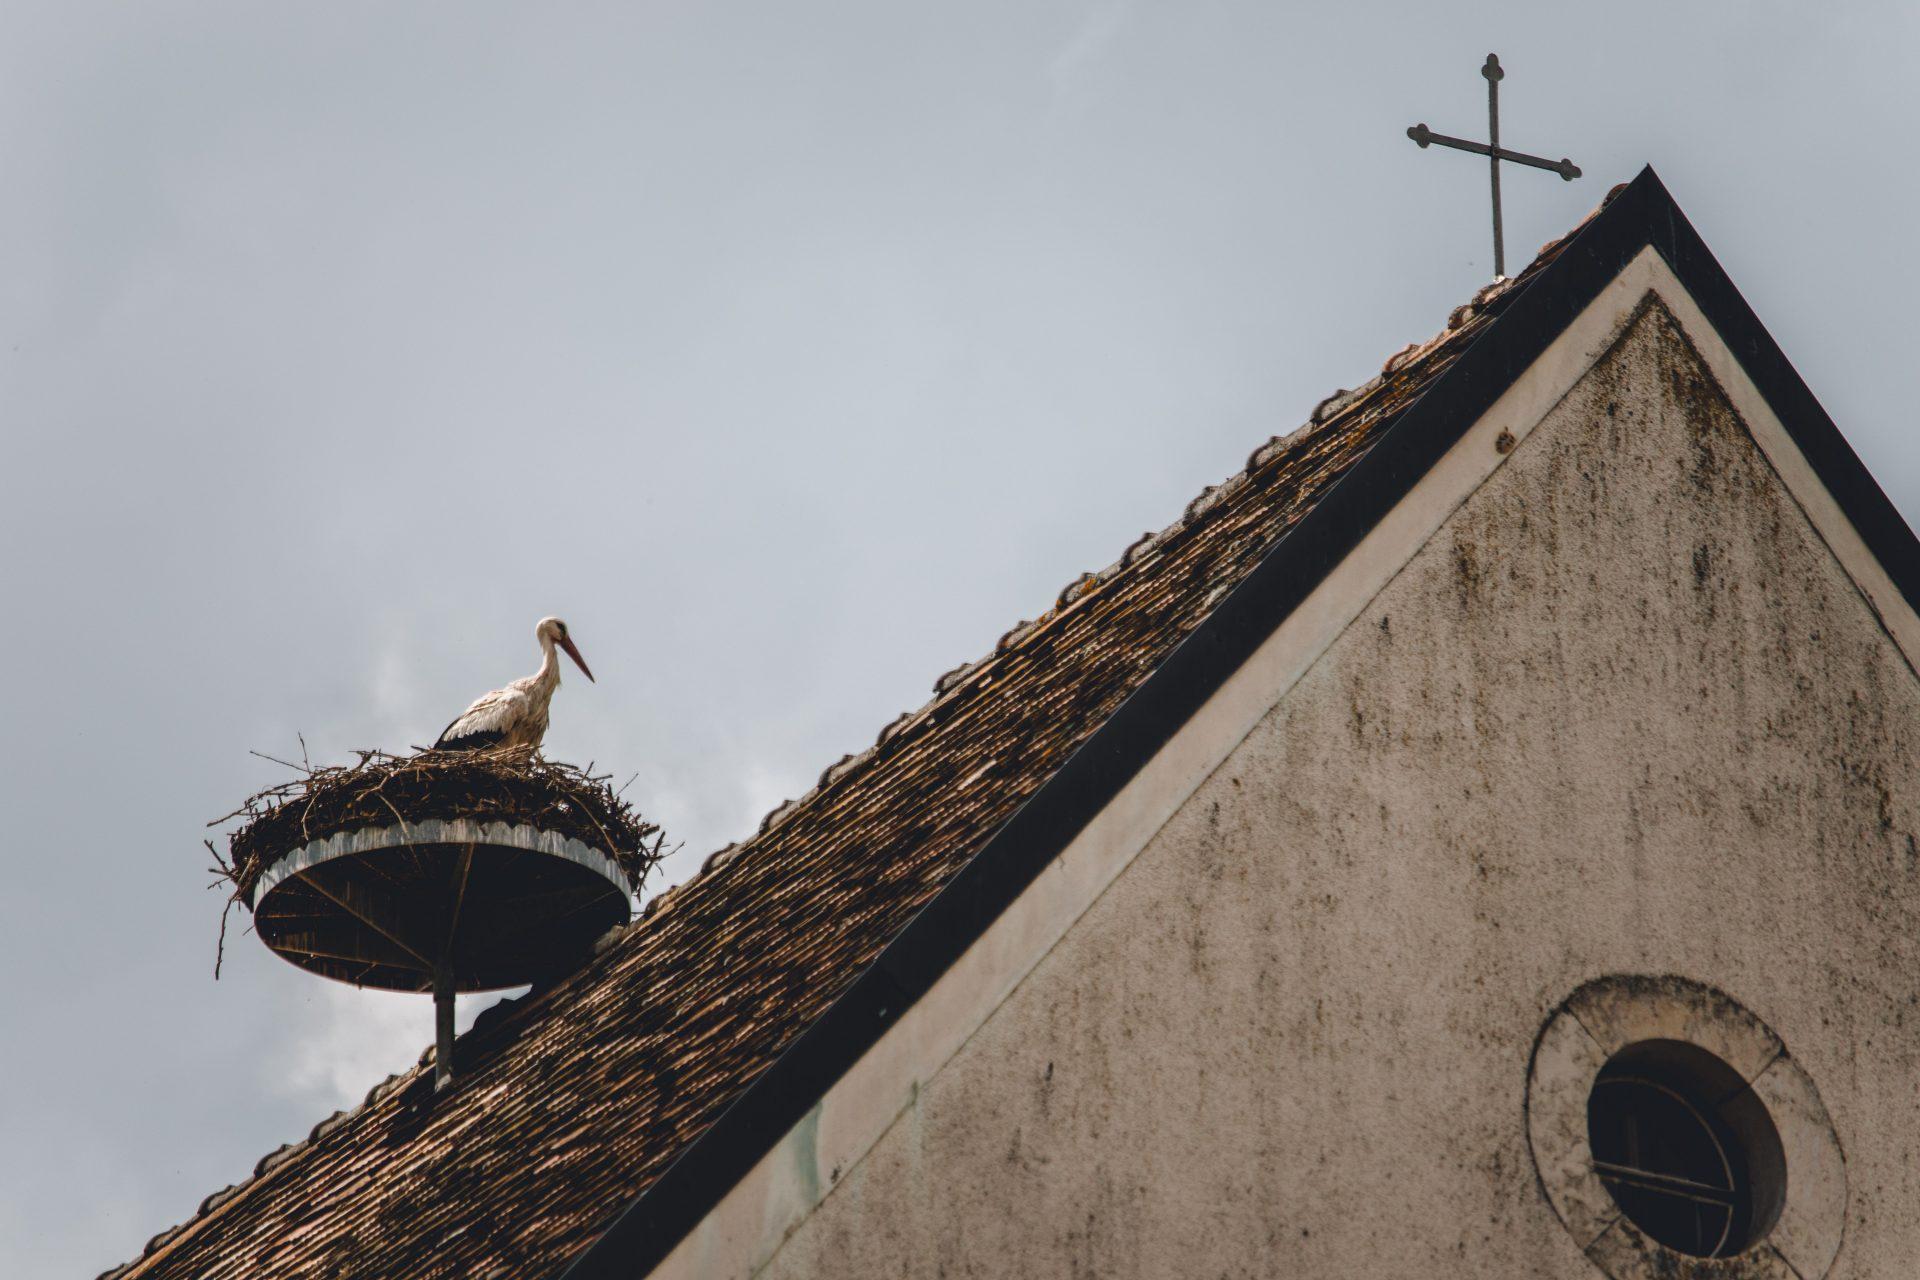 kovova-konstrukcia-bocian-hniezdo-strecha-kostol